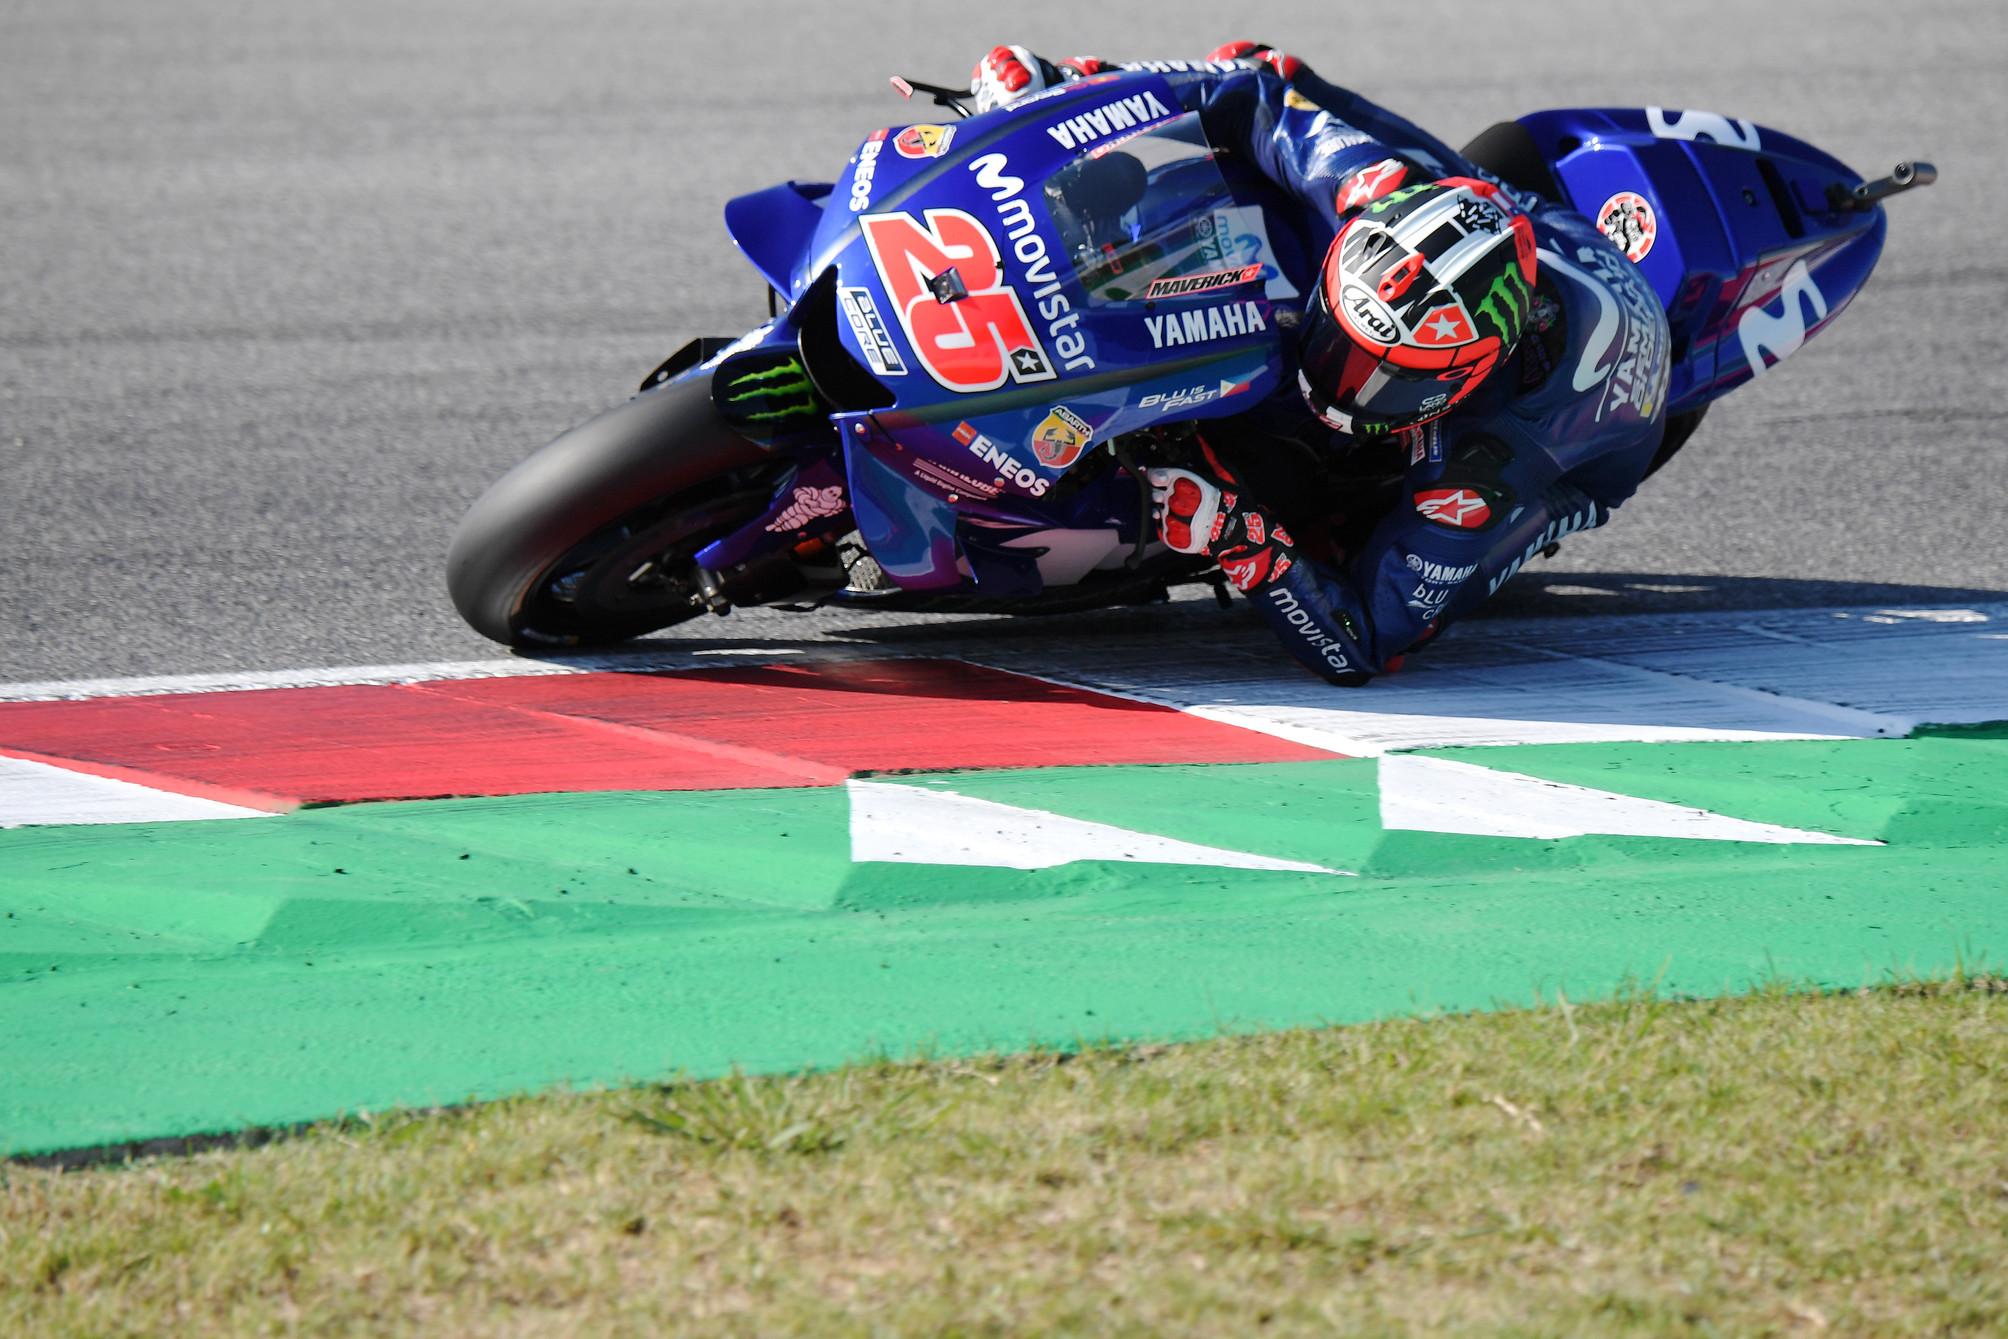 MotoGp, Australia: trionfo Vinales davanti a Iannone e Dovi, out Marquez